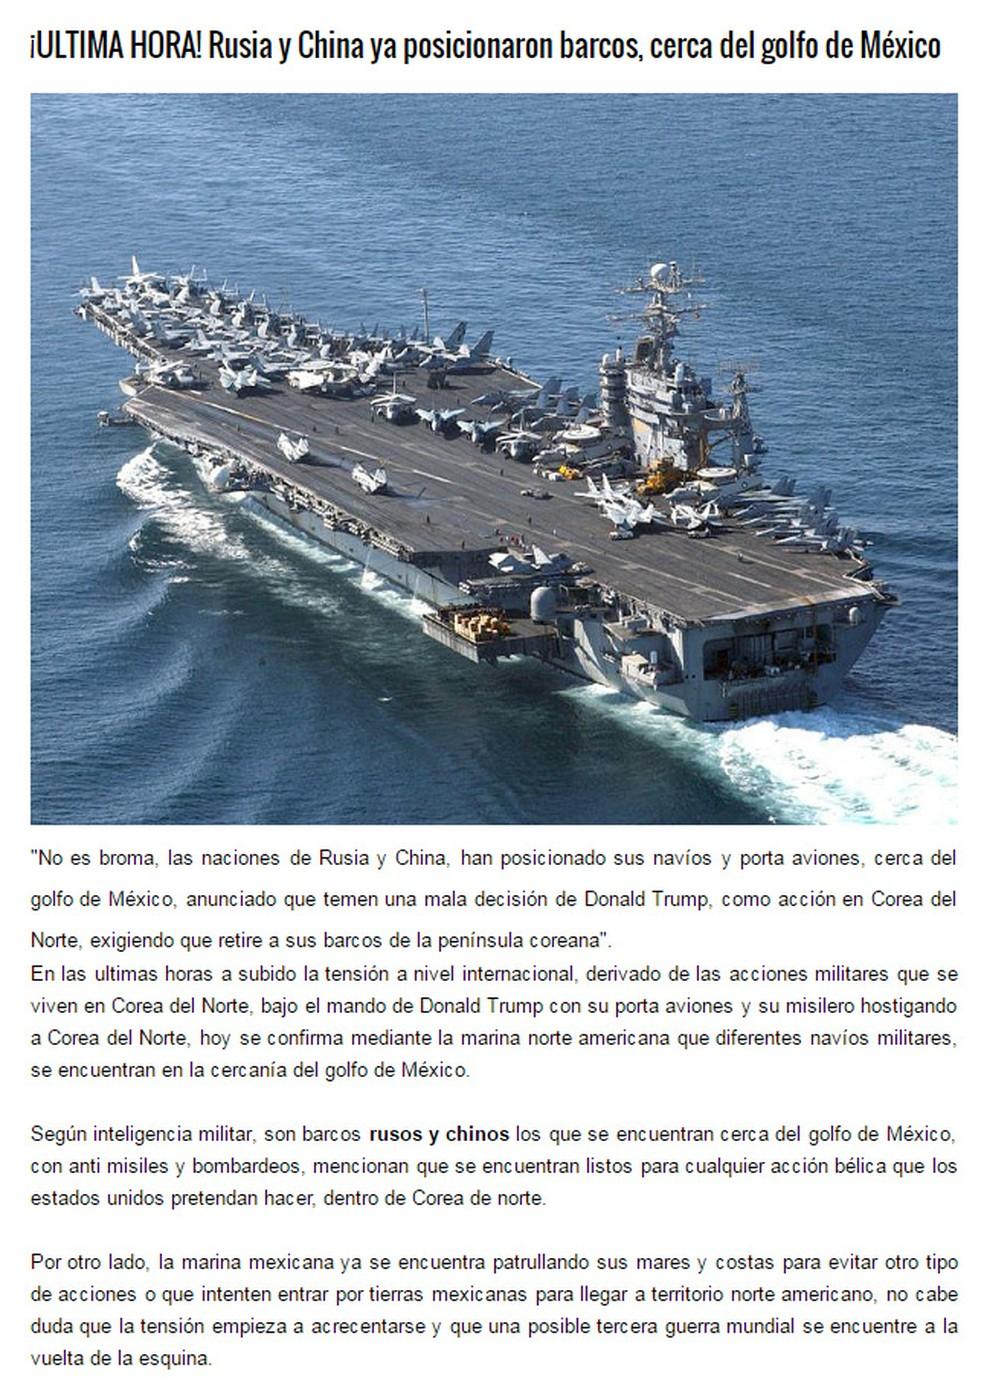 Notícia falsa relata envio de navios russos e chineses ao Golfo do México  (Foto: Reprodução)